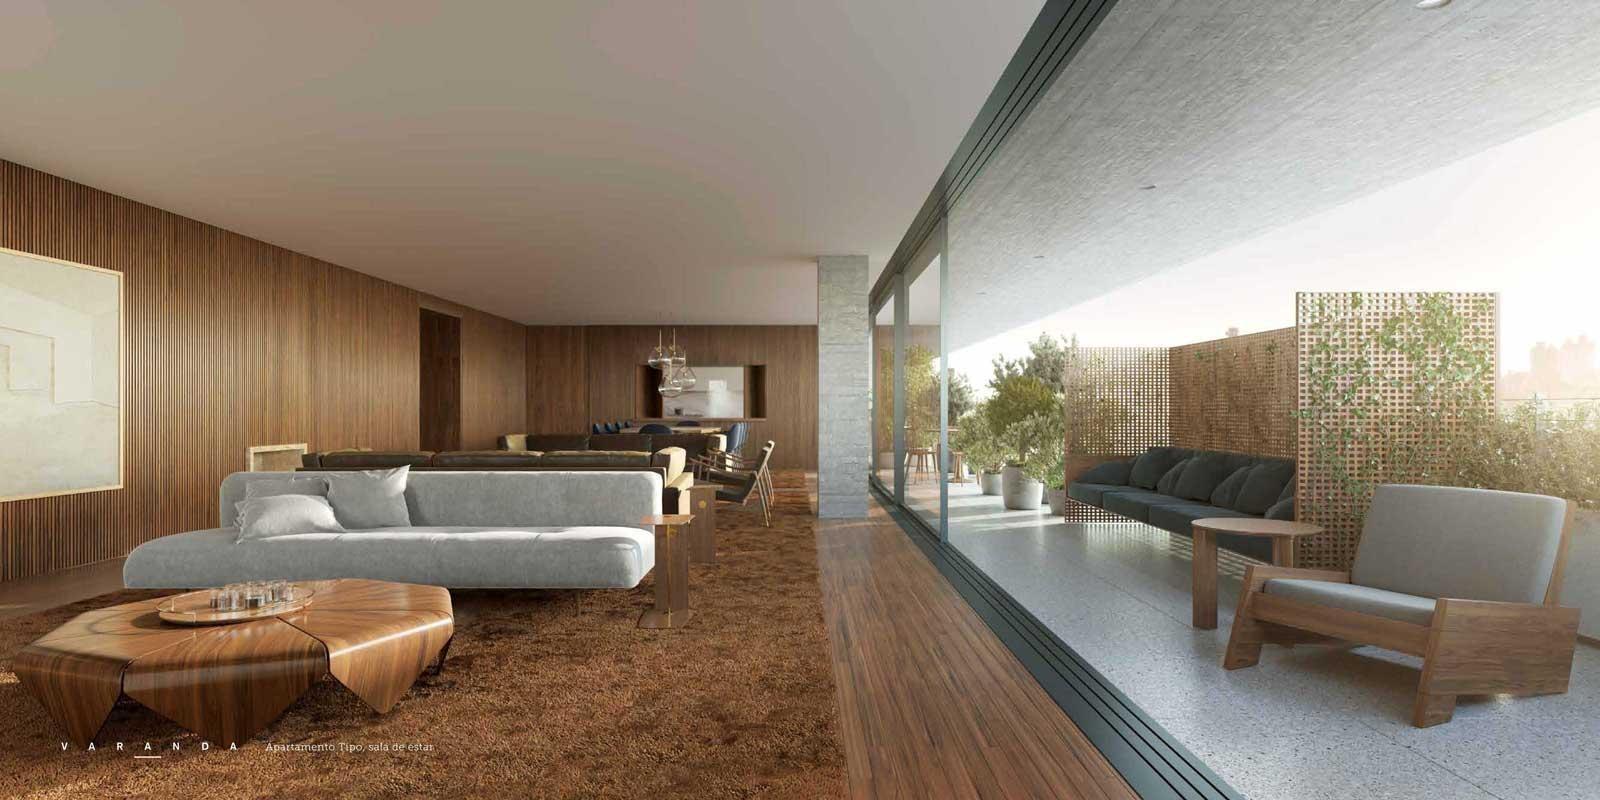 TPS Imóveis - Veja Foto 35 de 40 do Apartamento com 3 Suites no bairro Petrópolis, Porto Alegre